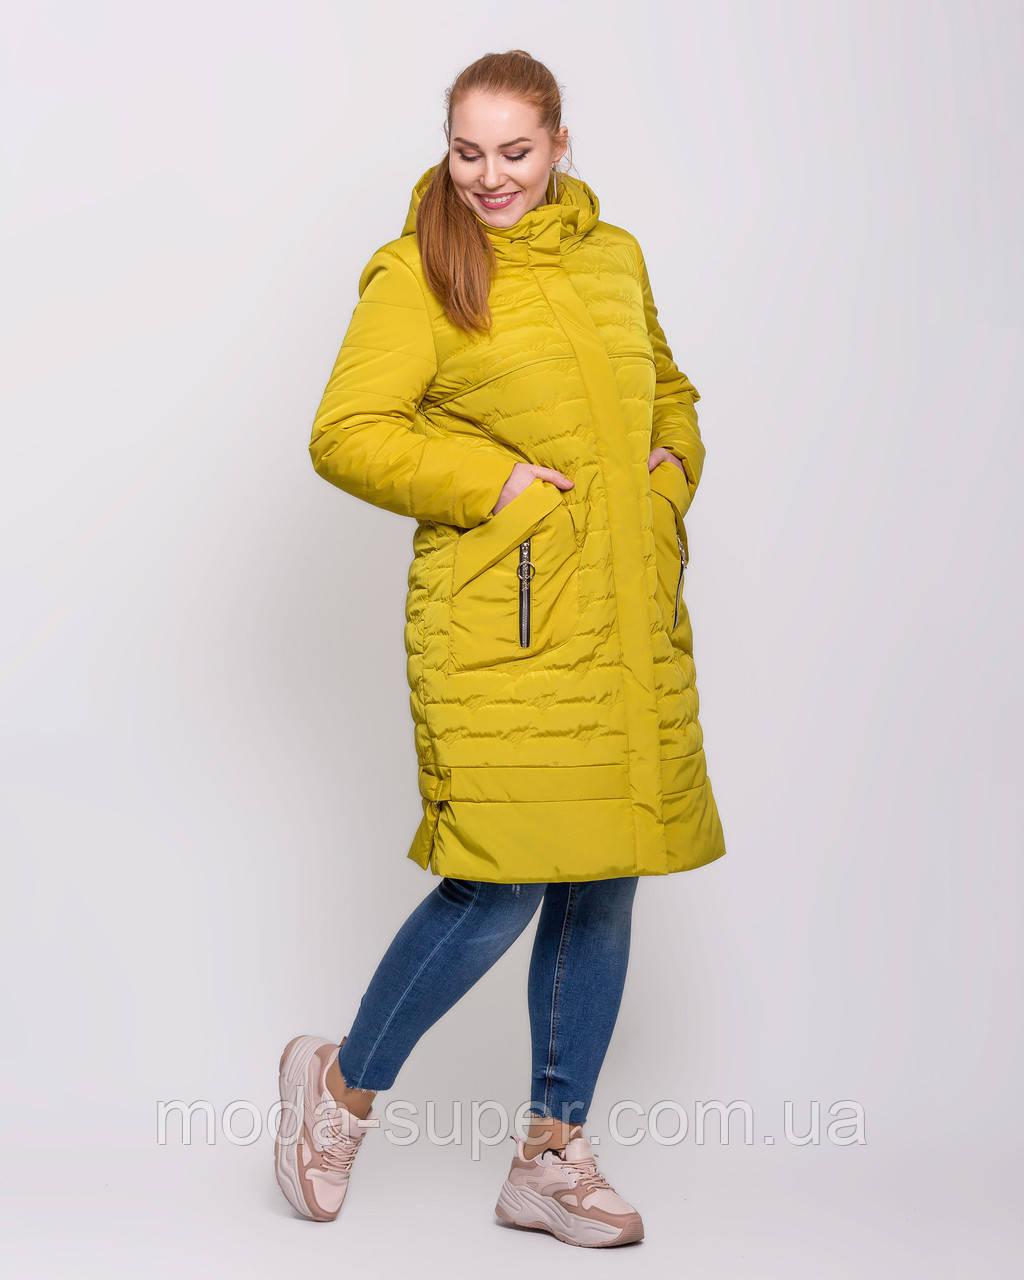 Женская куртка с сьемным капюшоном  рр 50-62